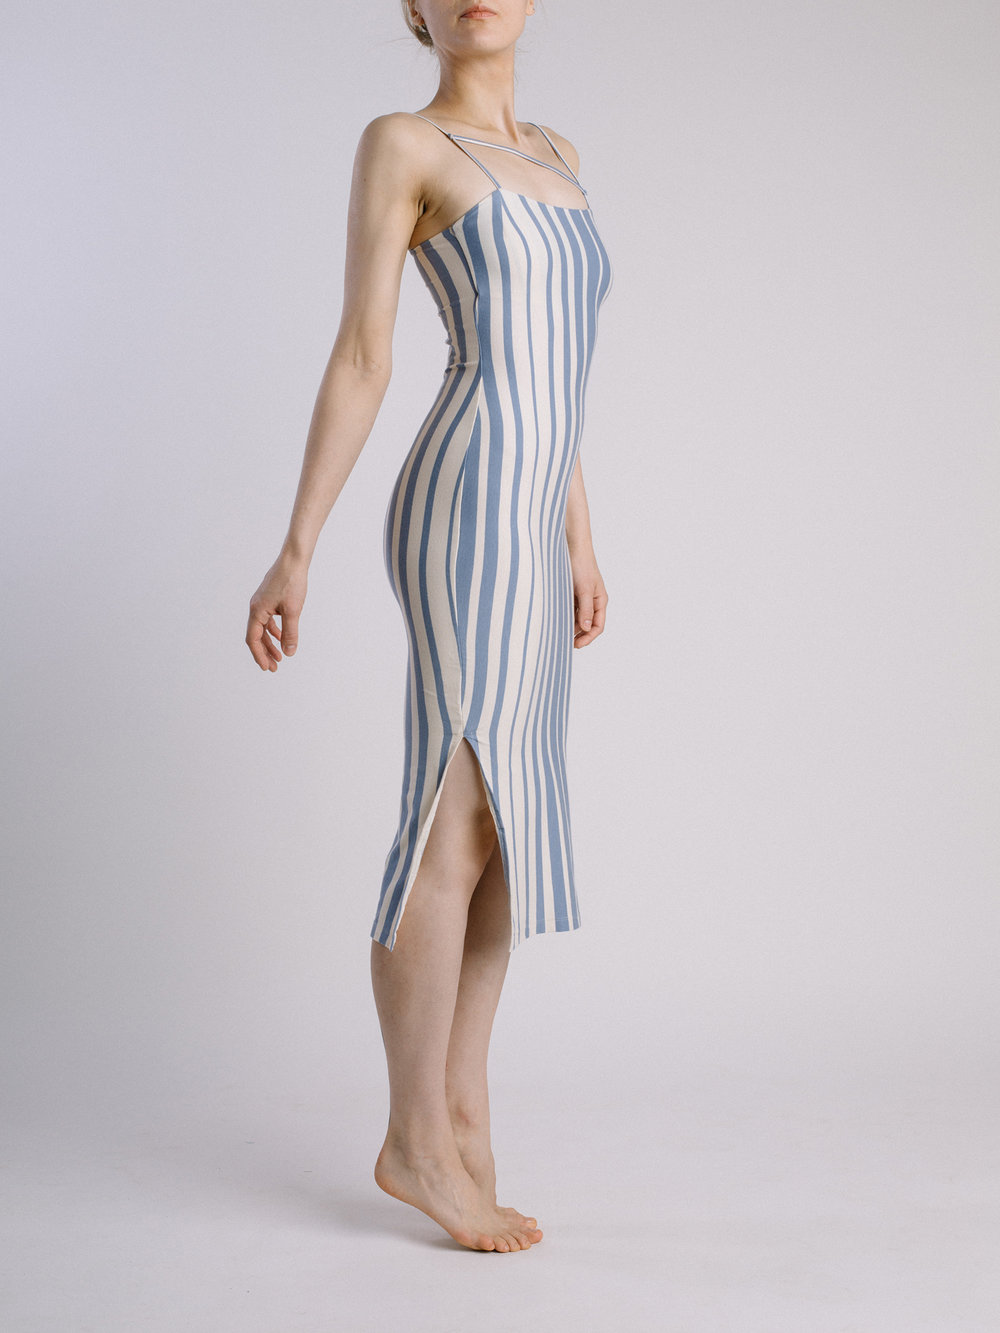 summer string dress from Silfir